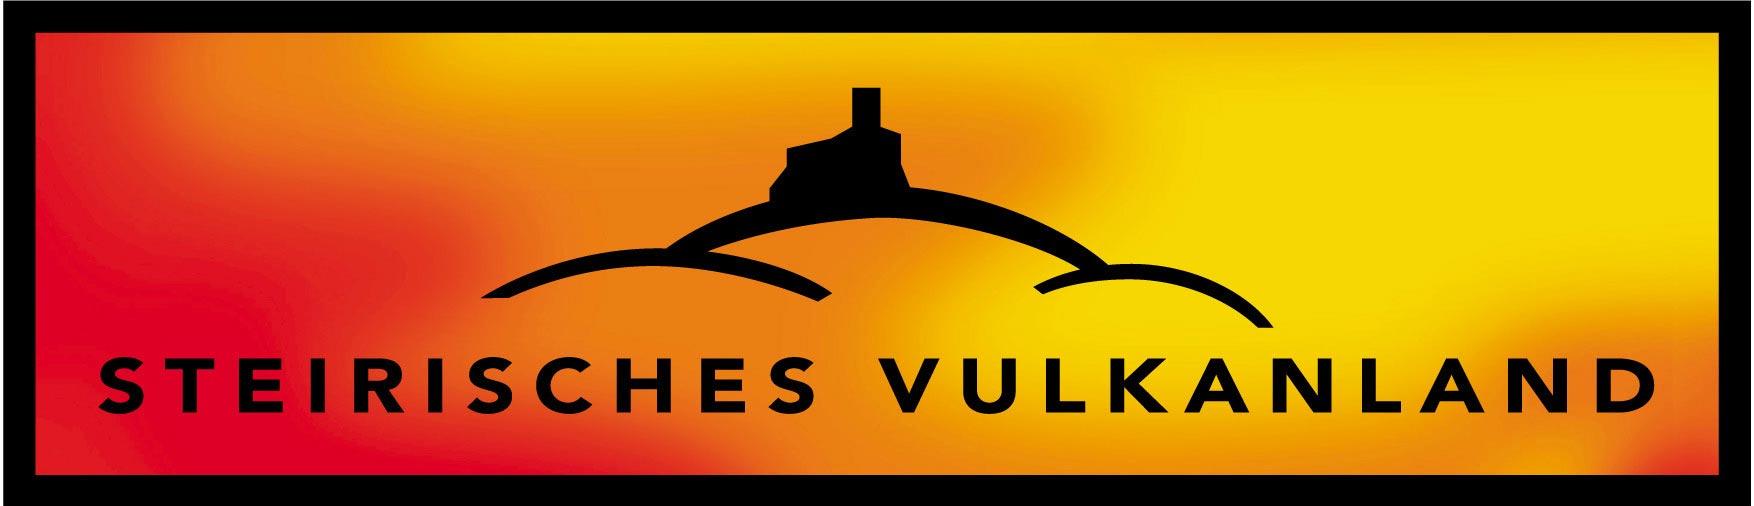 Verein zur Förderung des steirischen Vulkanlandes ...